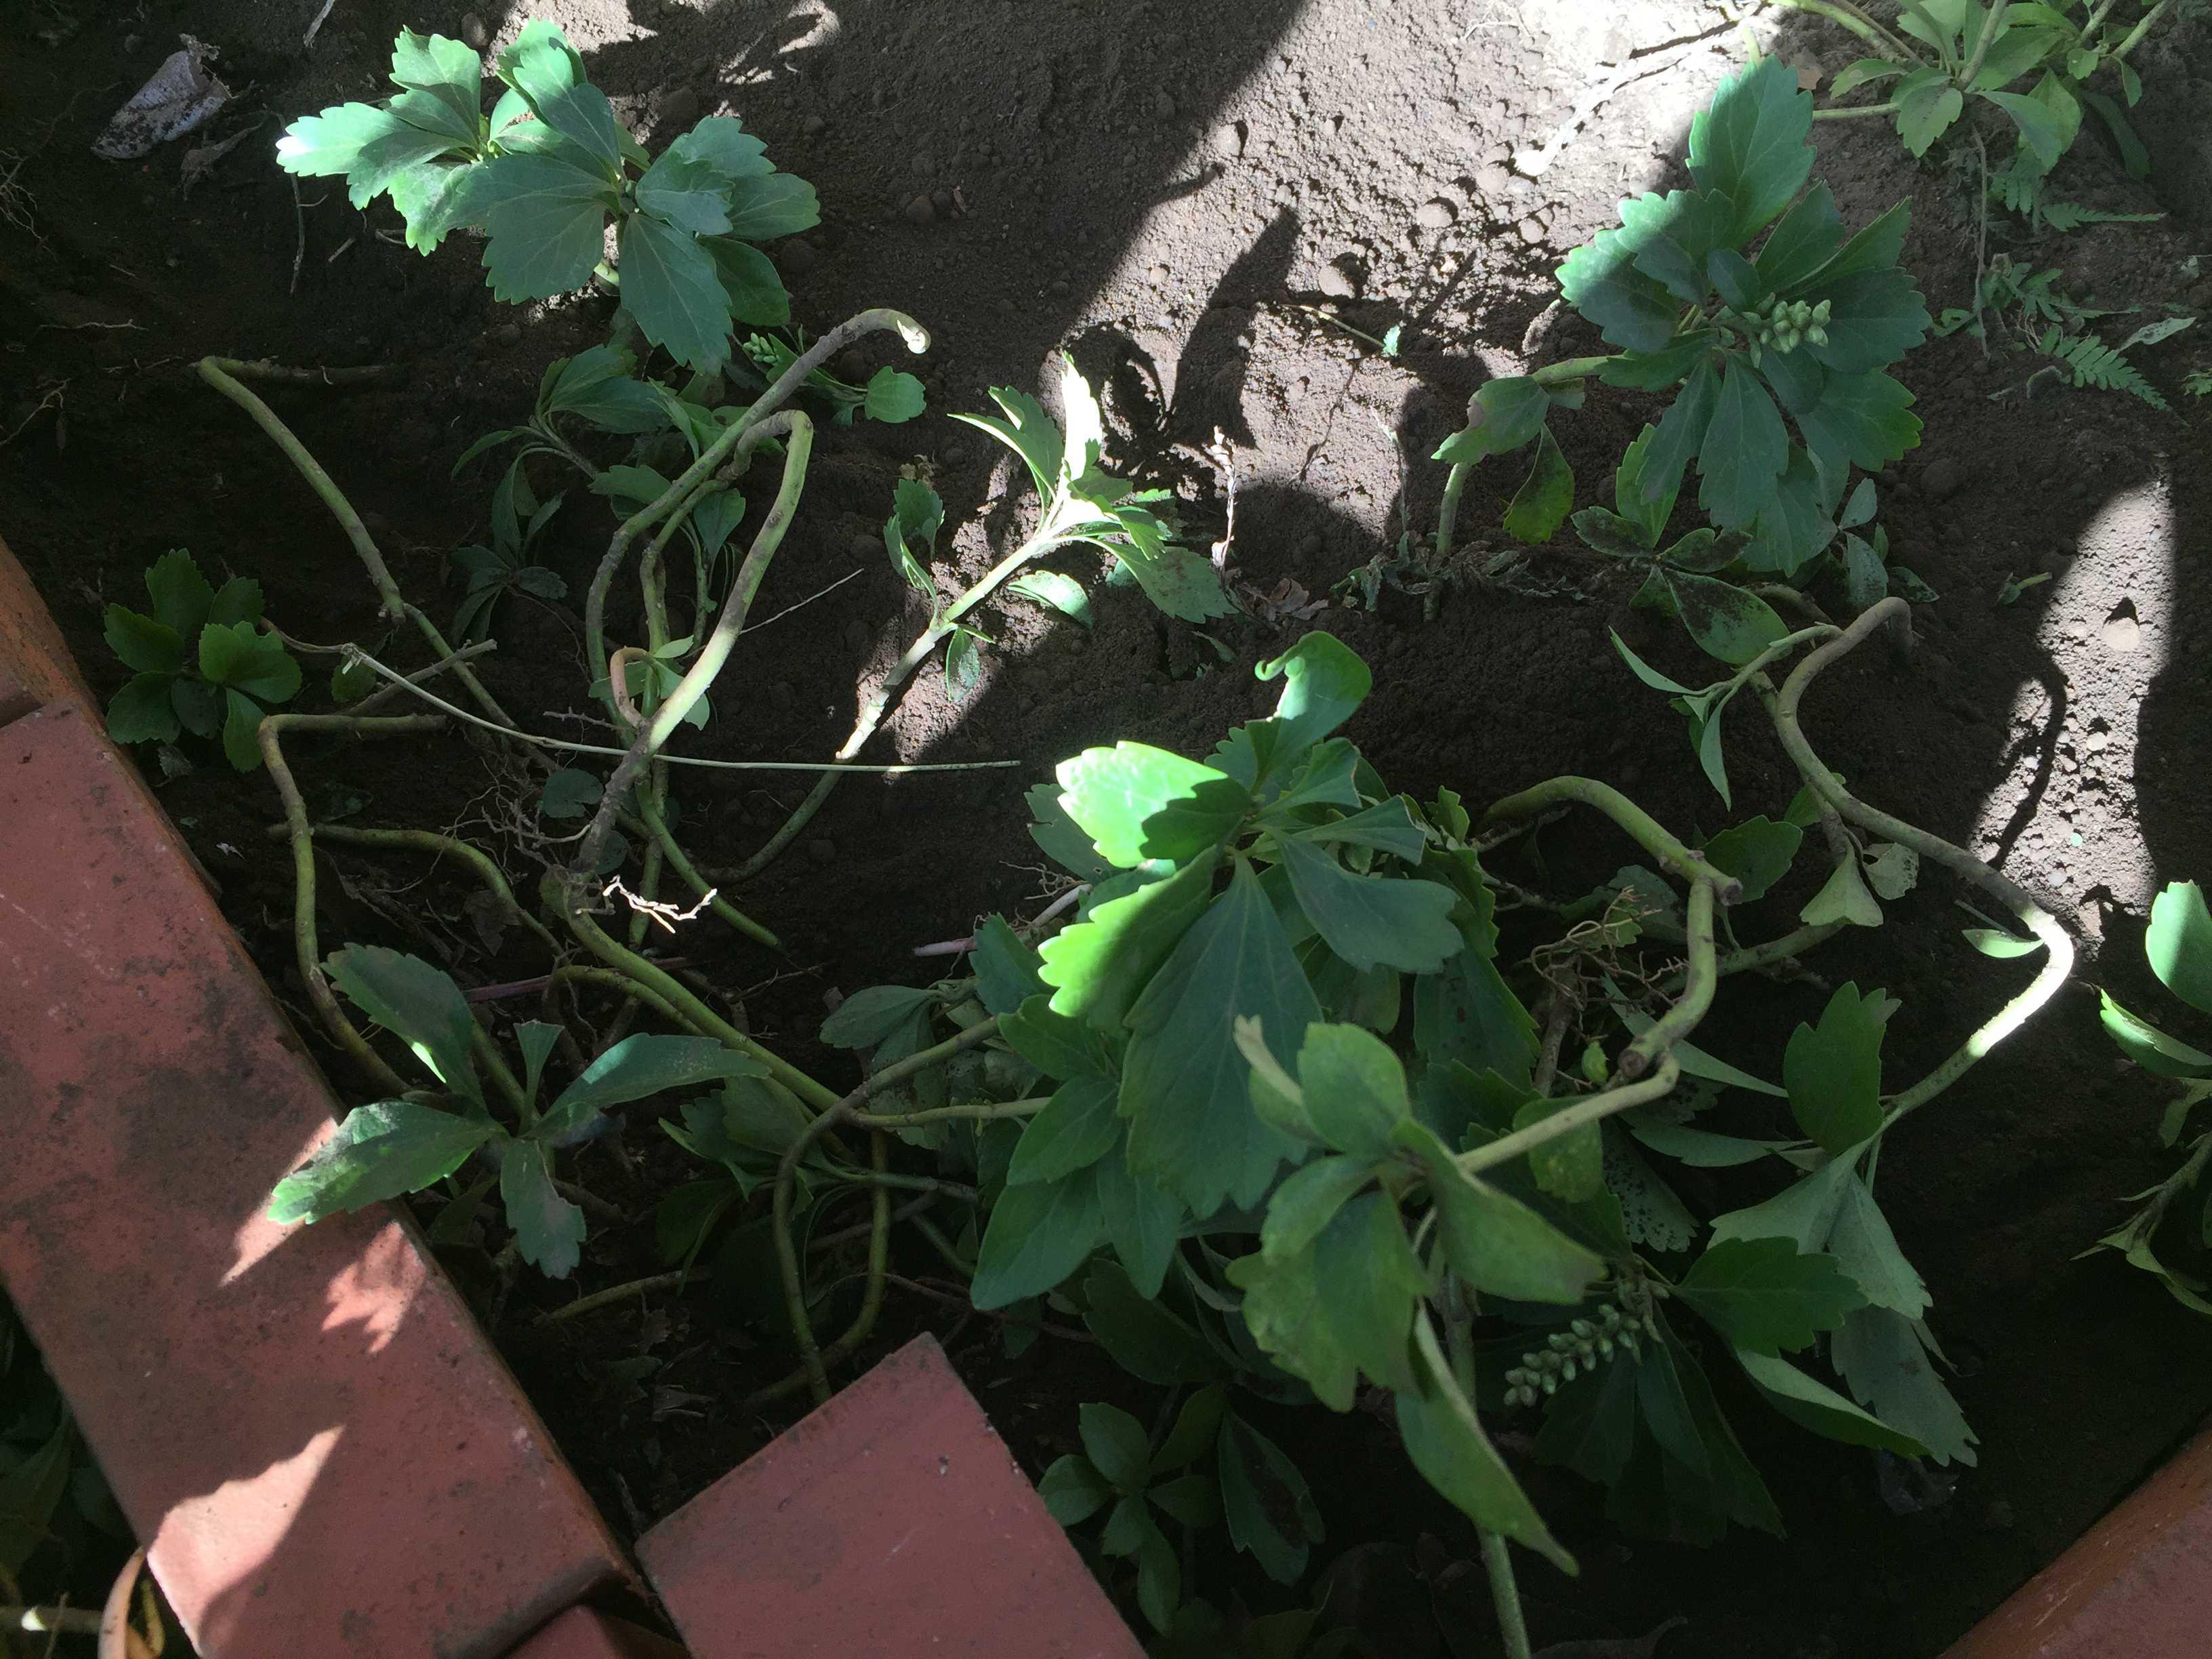 ヤマユリの球根植え付け - 雑草